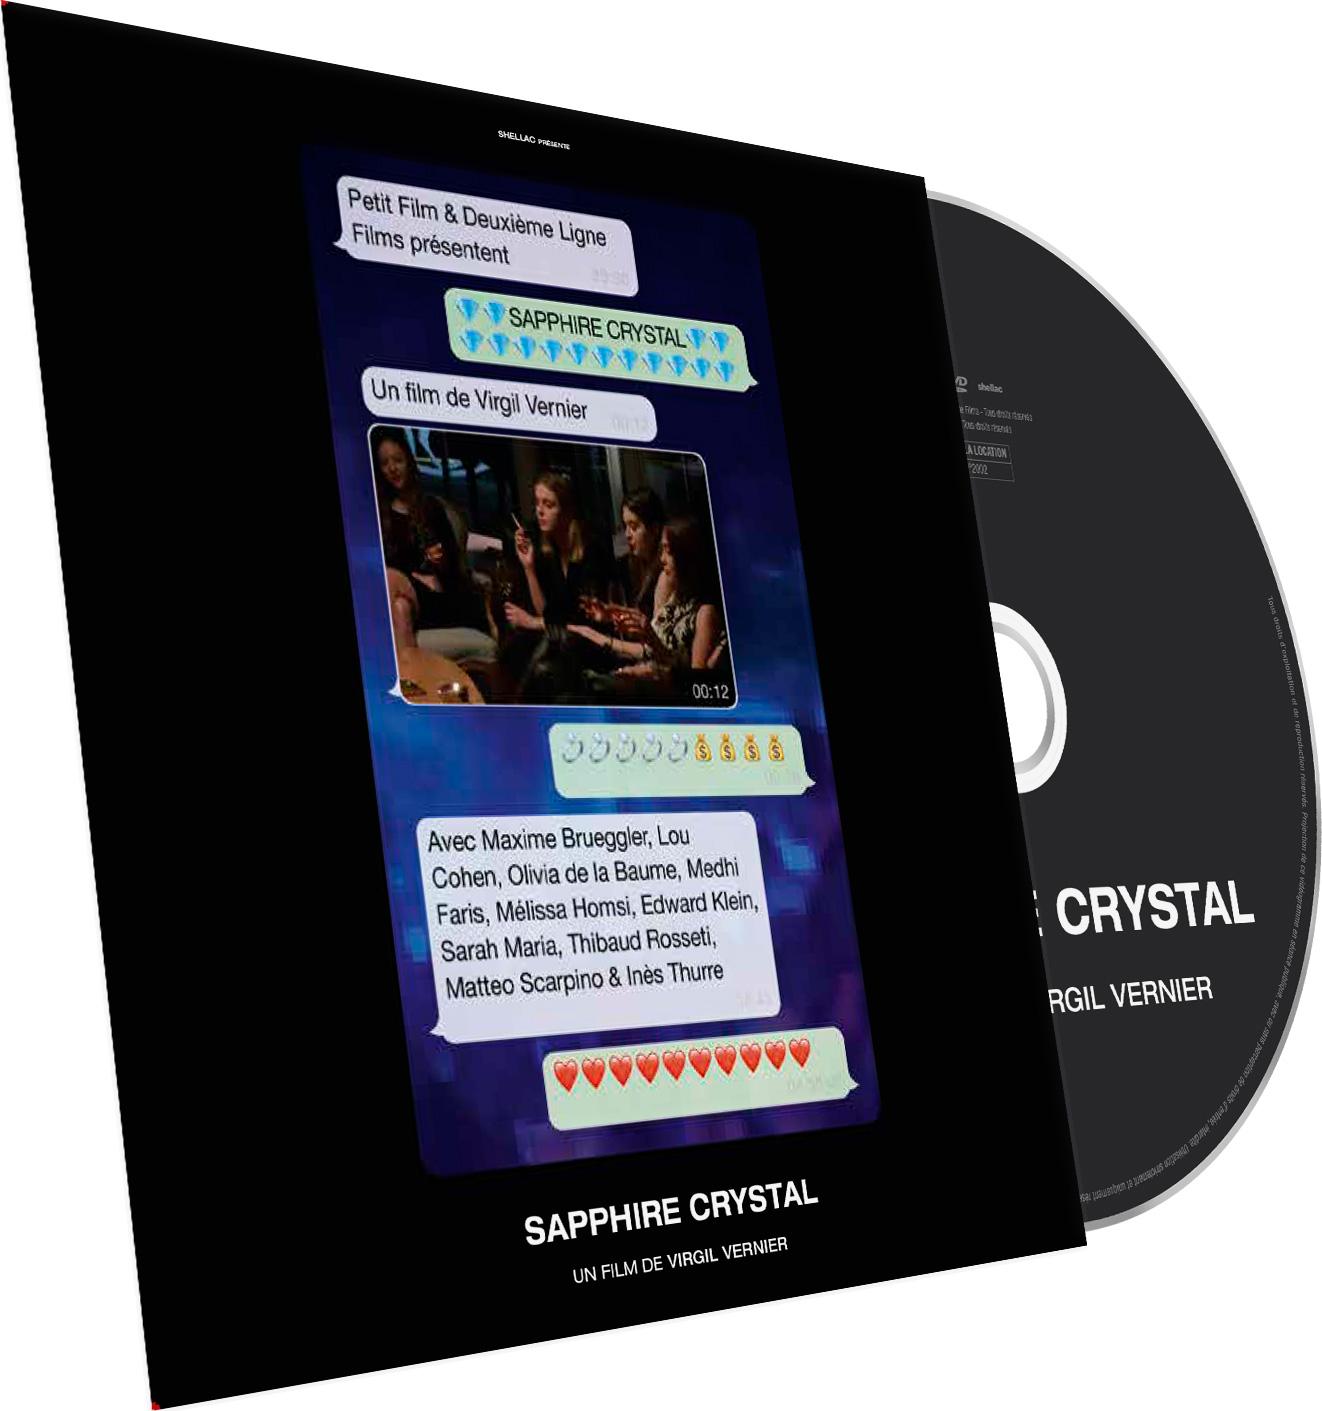 shellac-sapphire-crystal-packshot-3115.jpg